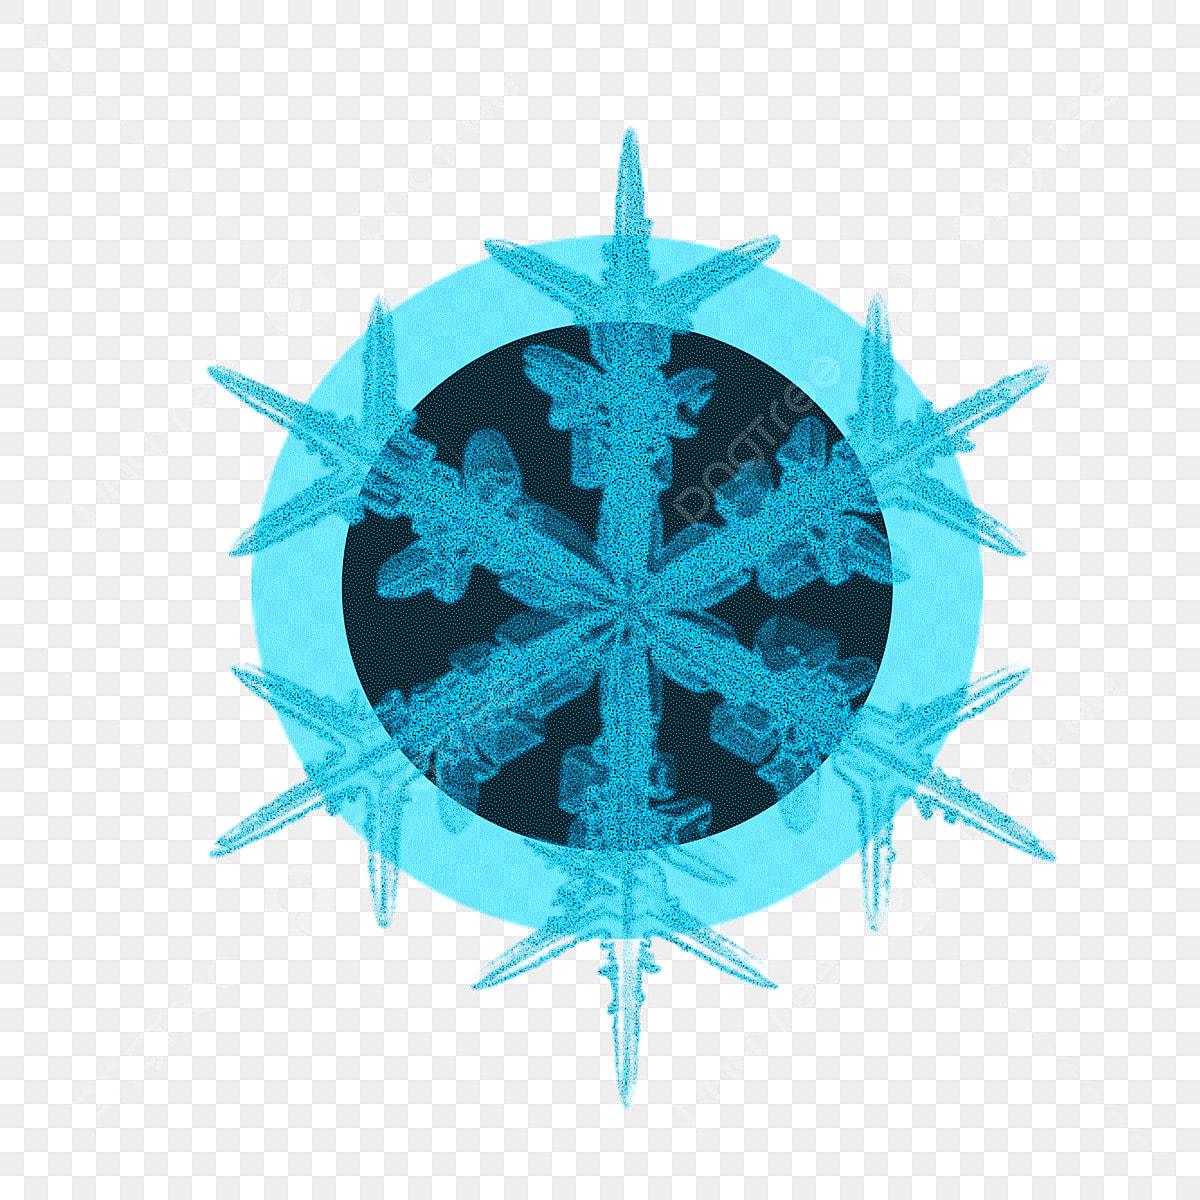 Matériel De Décoration Fleur Glace Bleu Cristal Noir